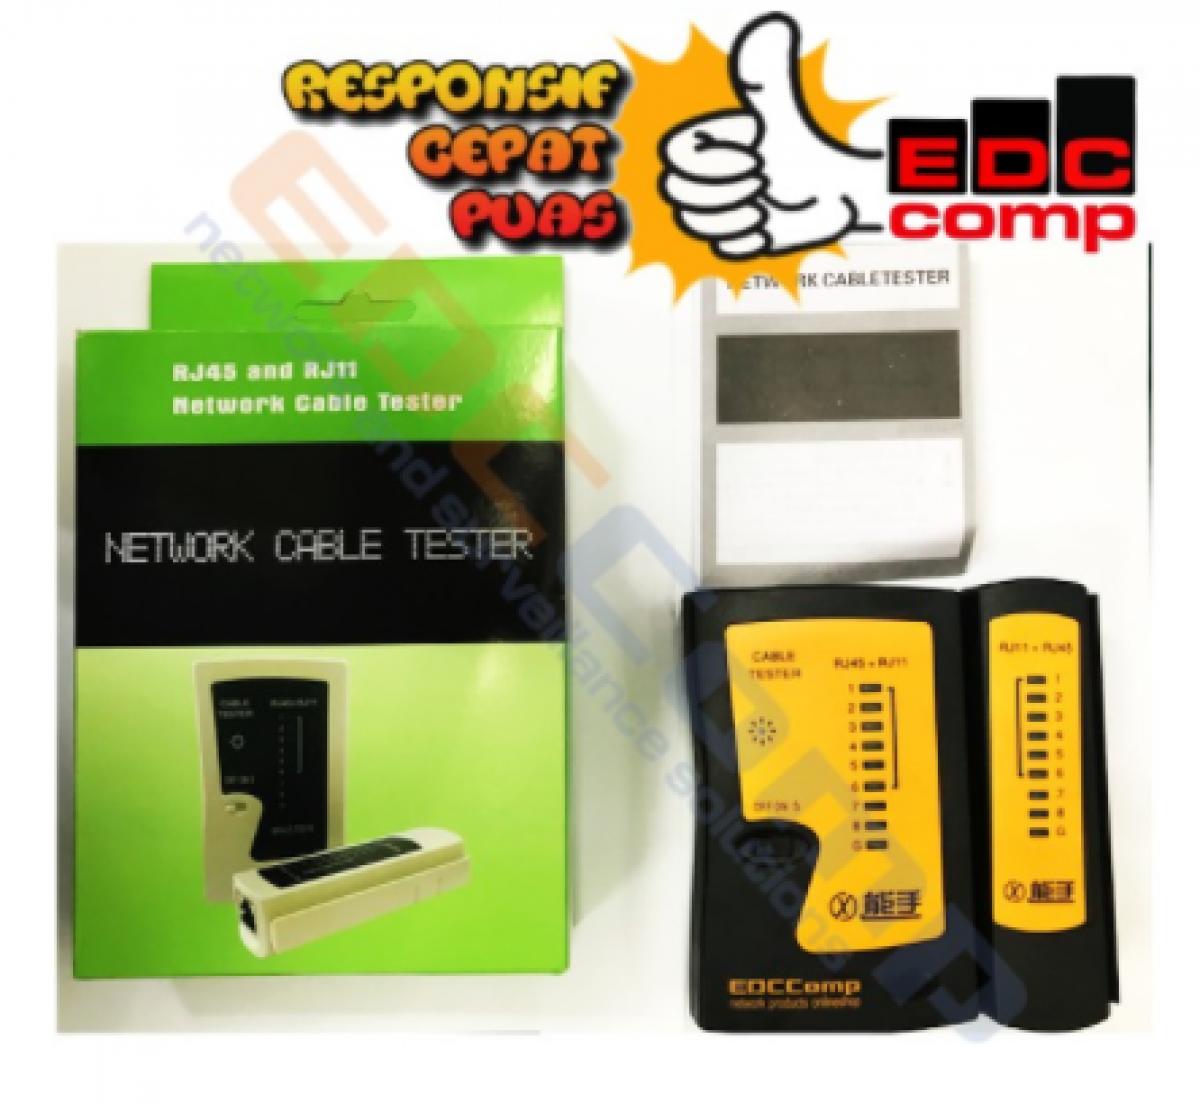 Kabel Lan Tester - Kabel RJ45/RJ11 Tester EDCComp / Cable Tester - EdcComp